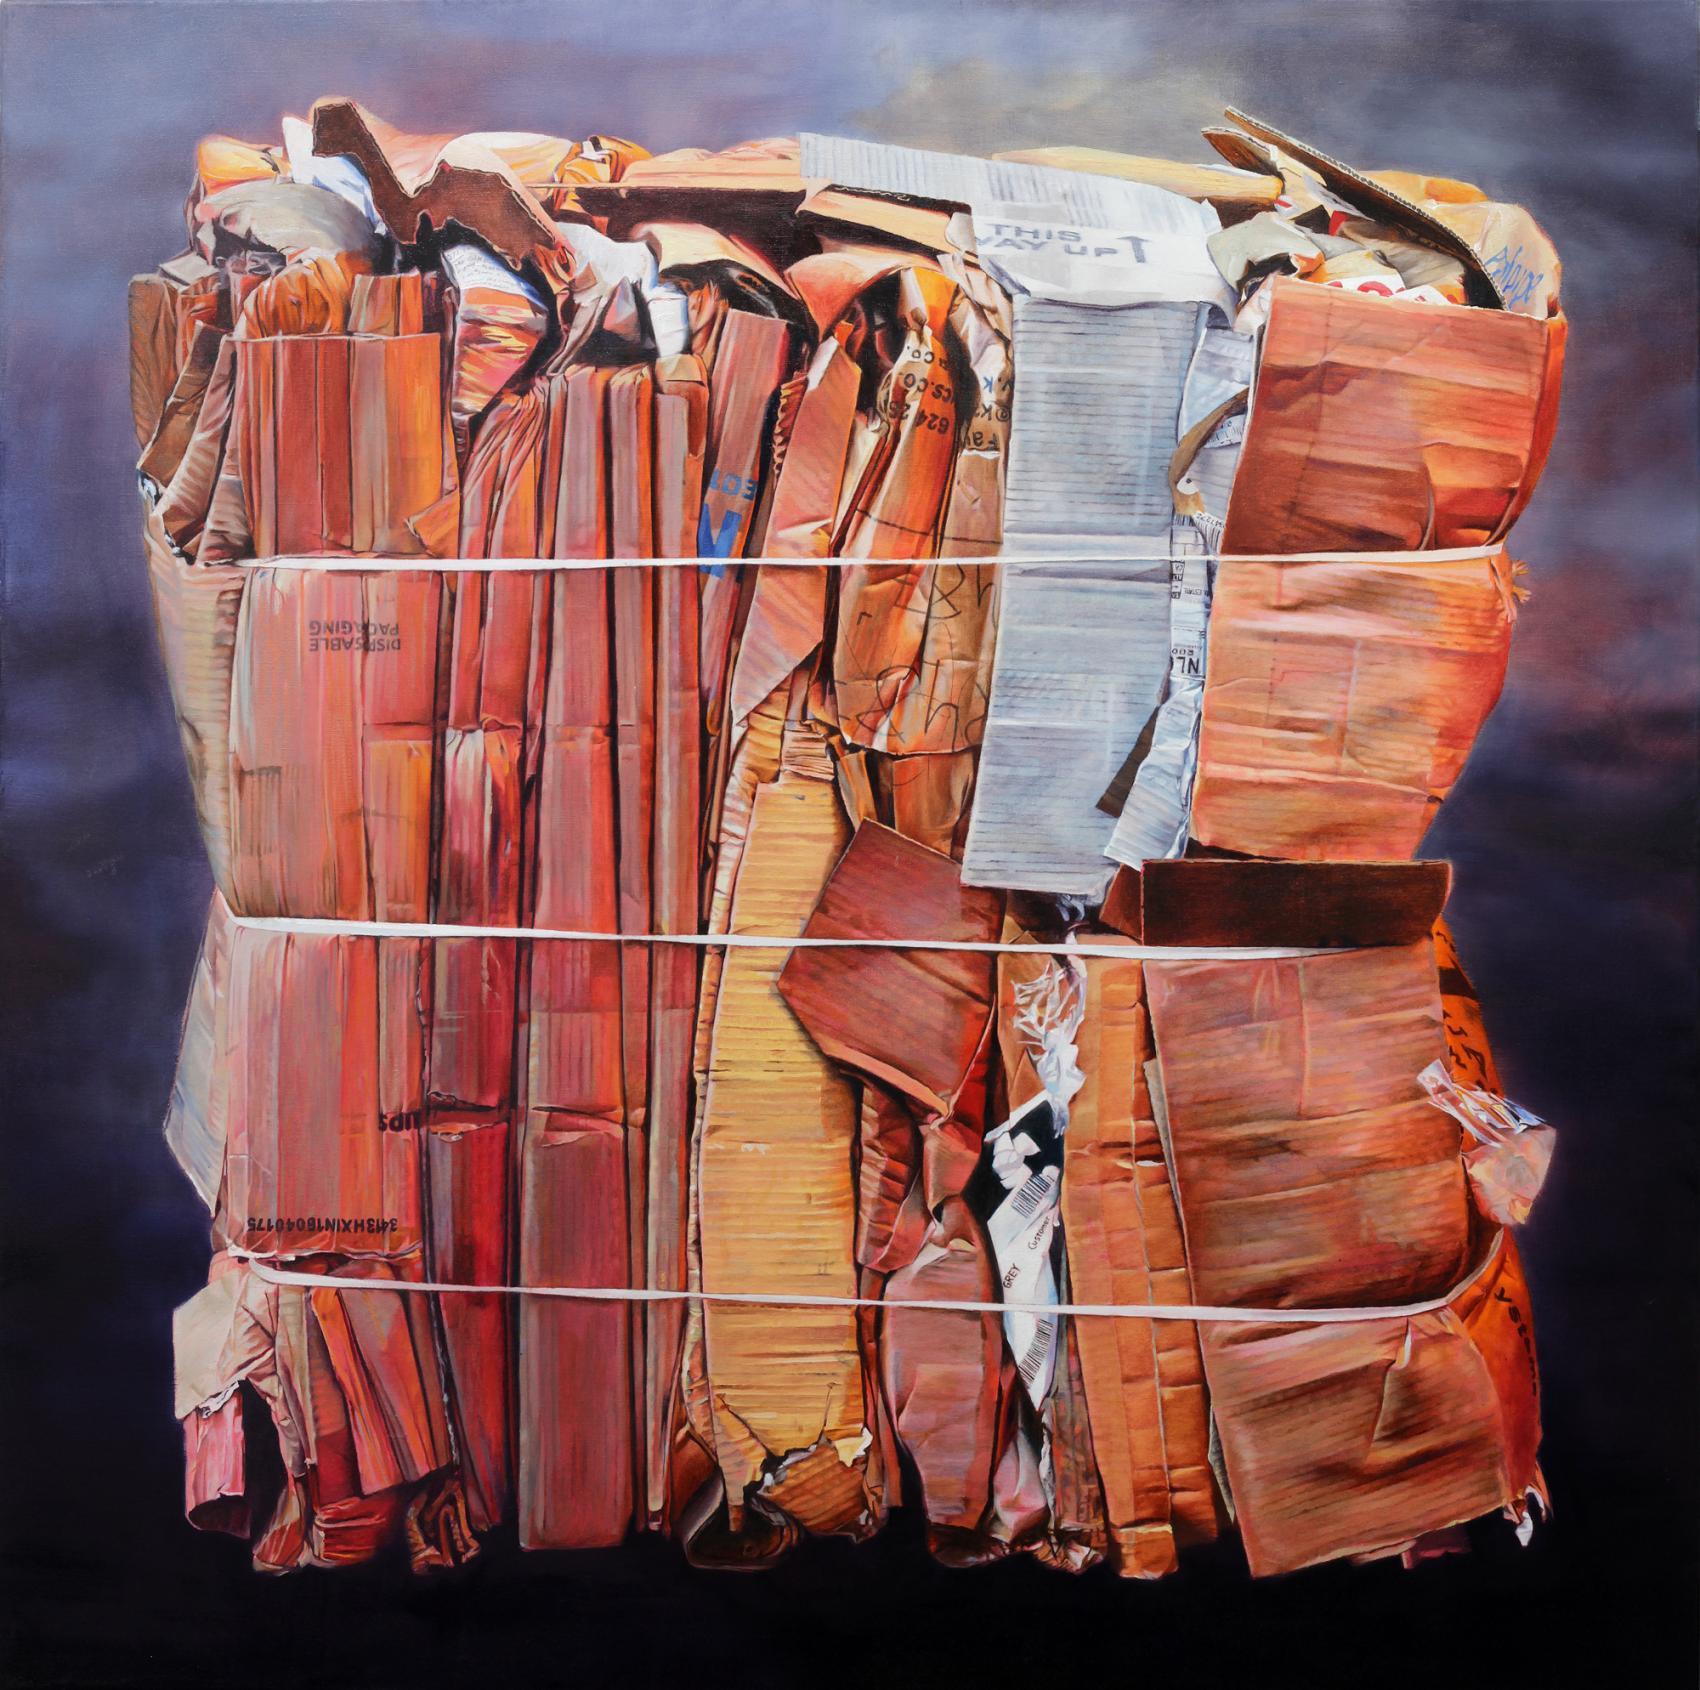 Cardboard Bale (2017) - David Agenjo